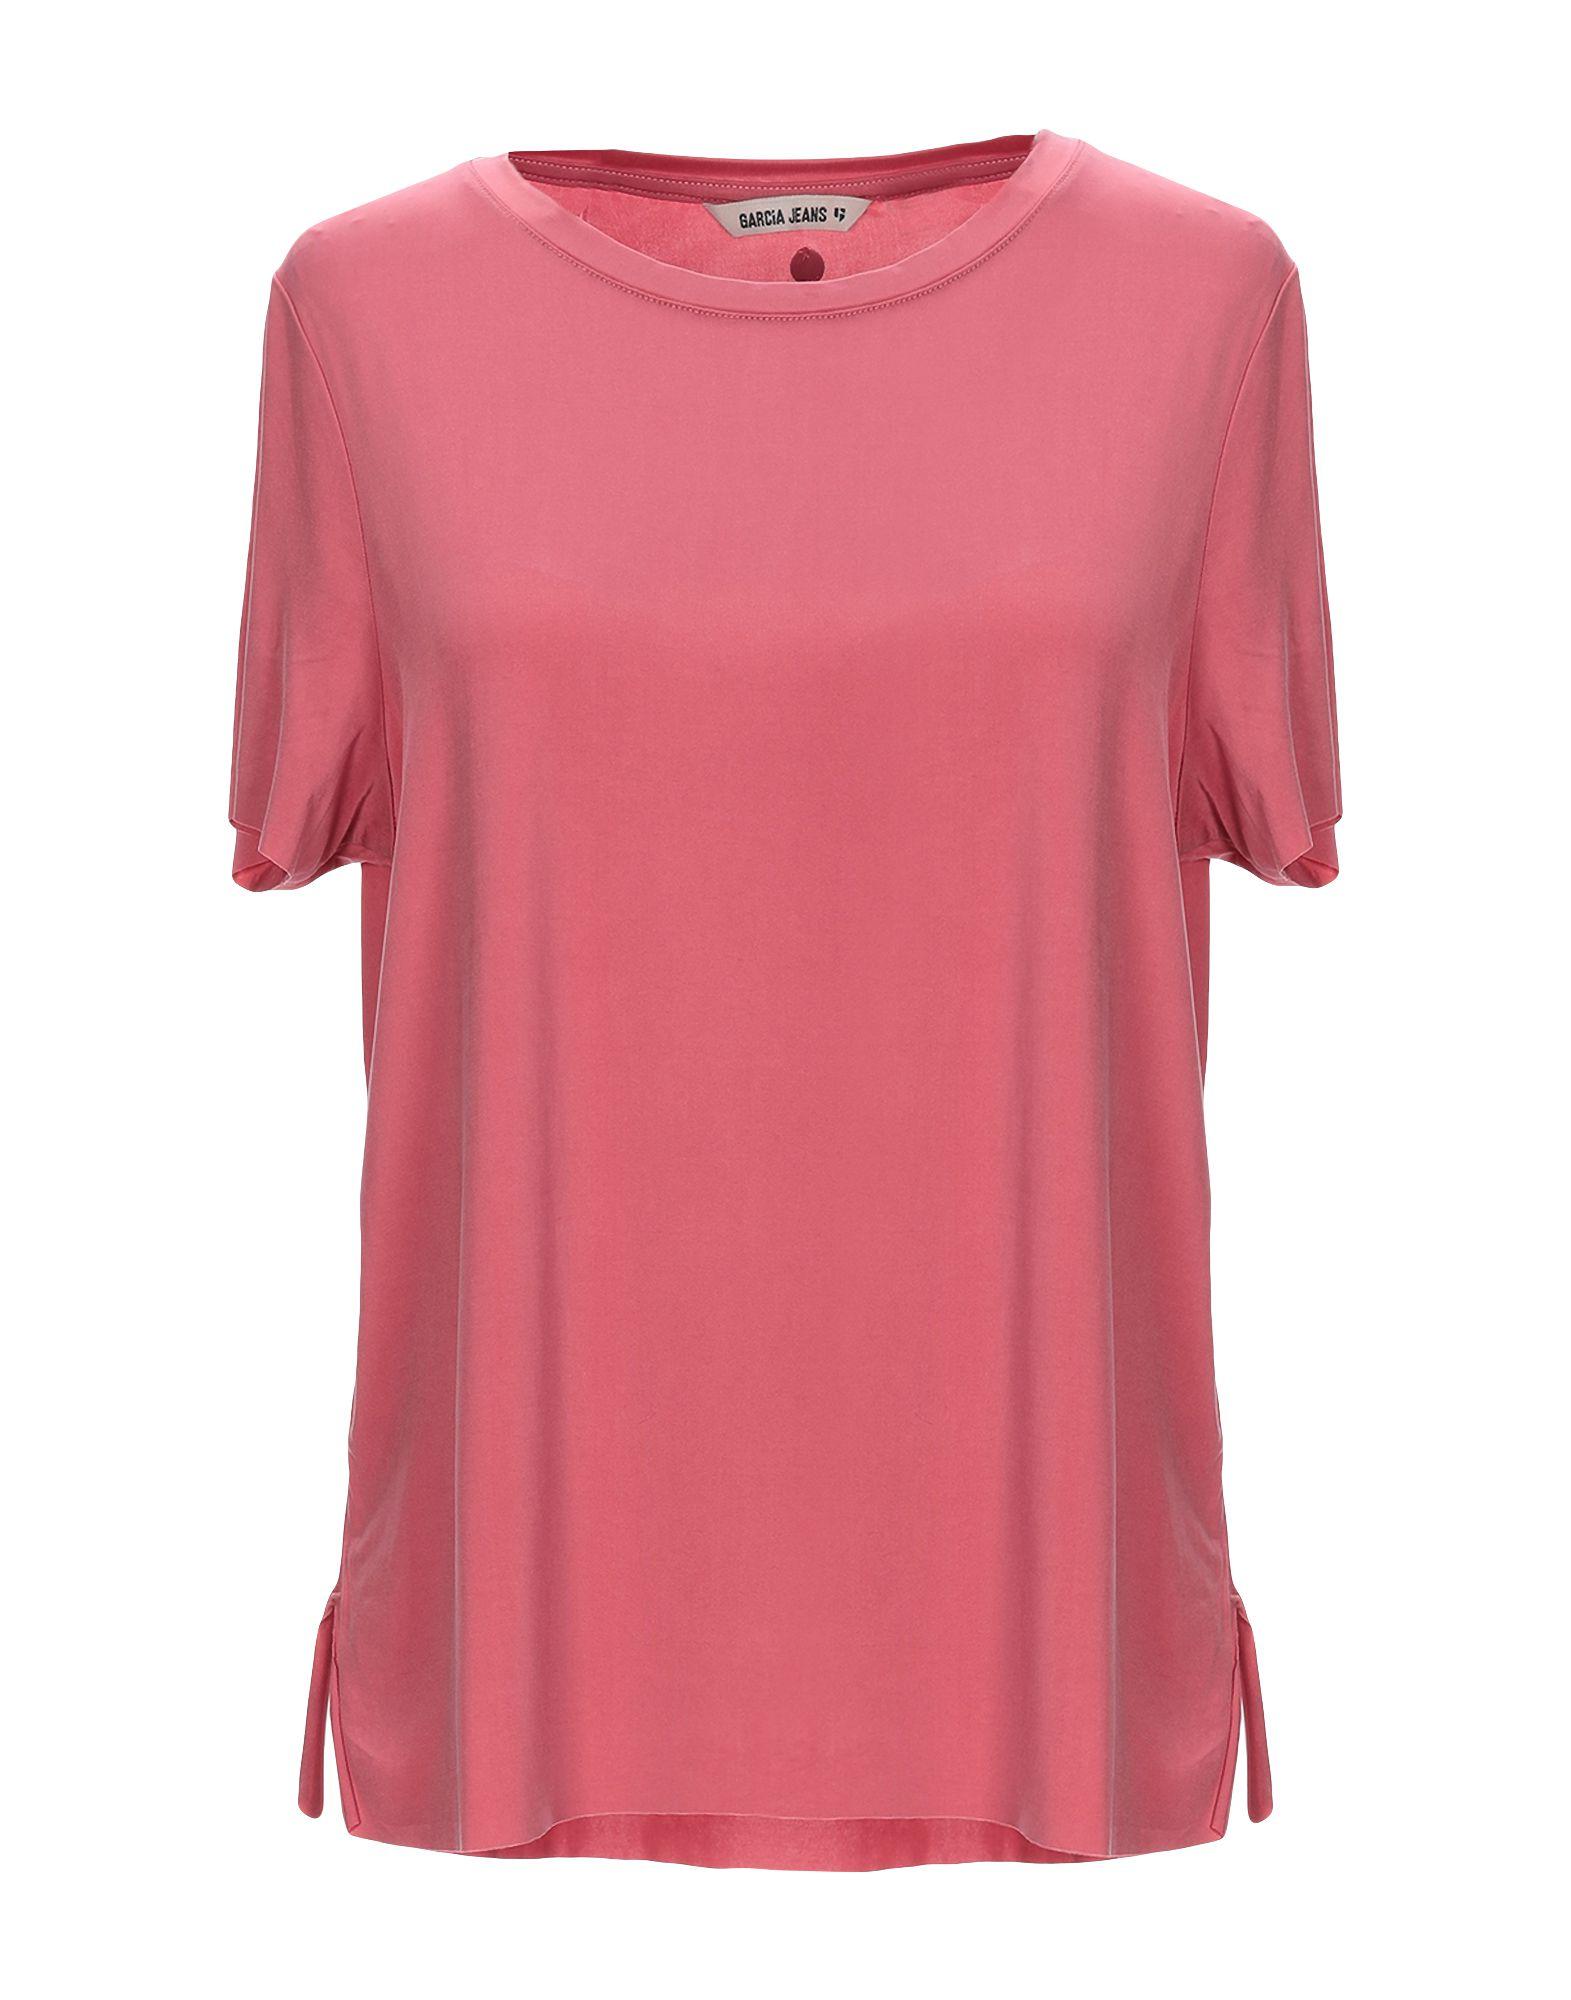 T-Shirt Garcia Jeans donna - 12275843BO 12275843BO 12275843BO 313